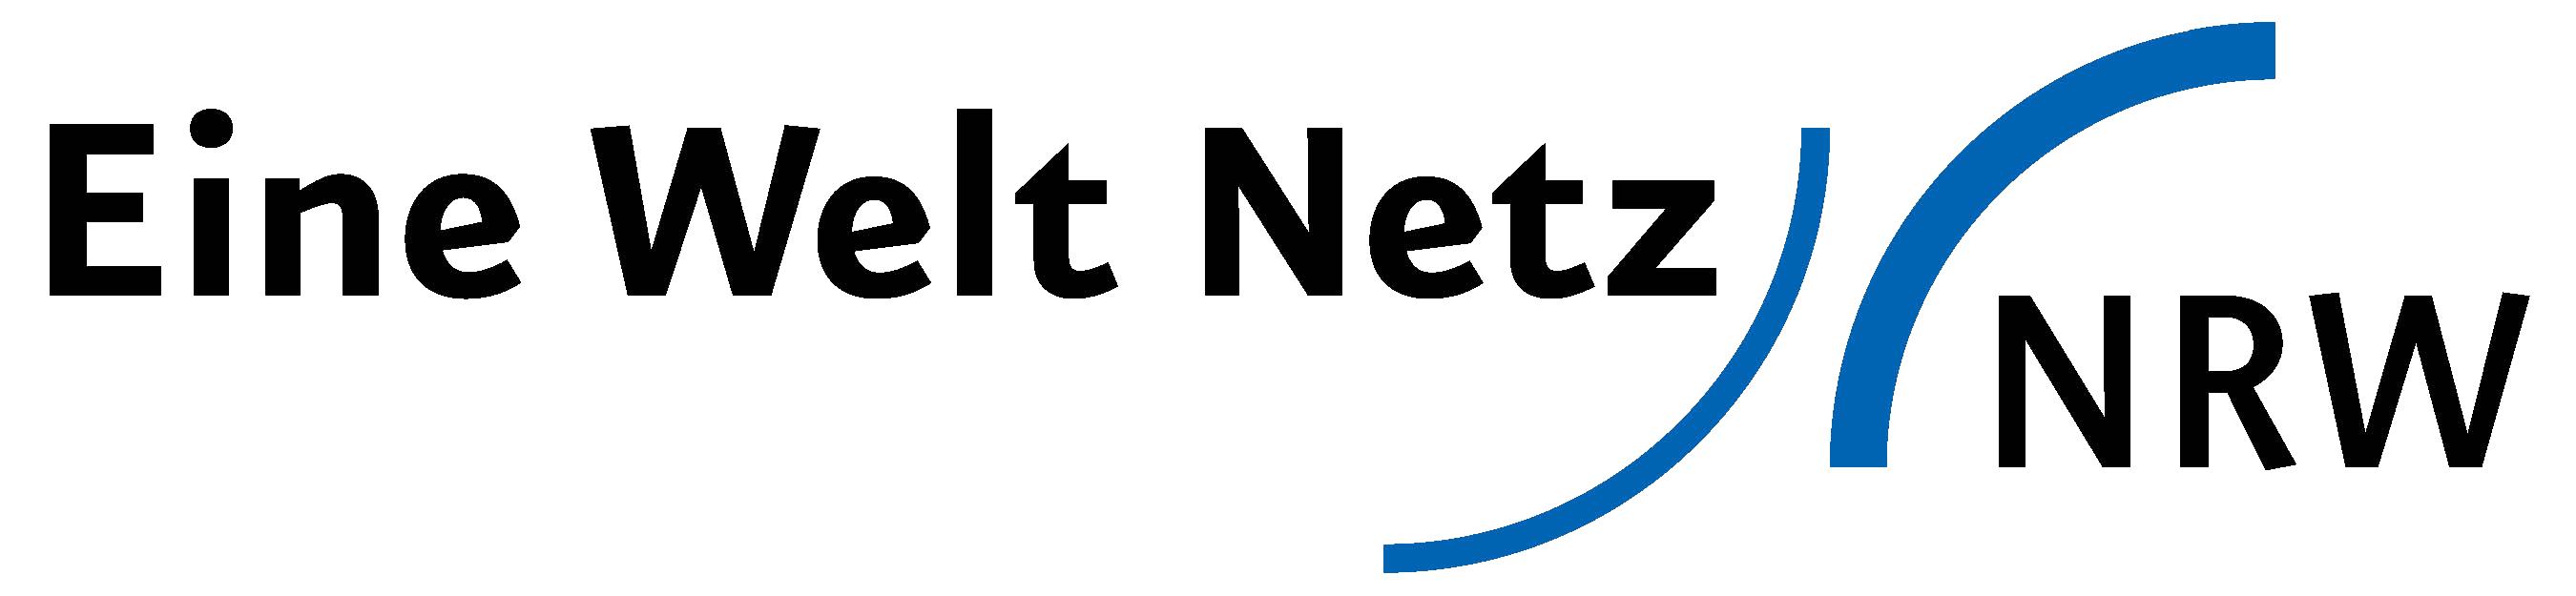 Das Eine Welt Netz NRW ist seit 1991 das Landesnetzwerk entwicklungspolitischer Vereine und Engagierter in Nordrhein-Westfalen. Unsere Büros sind in Münster und Düsseldorf.